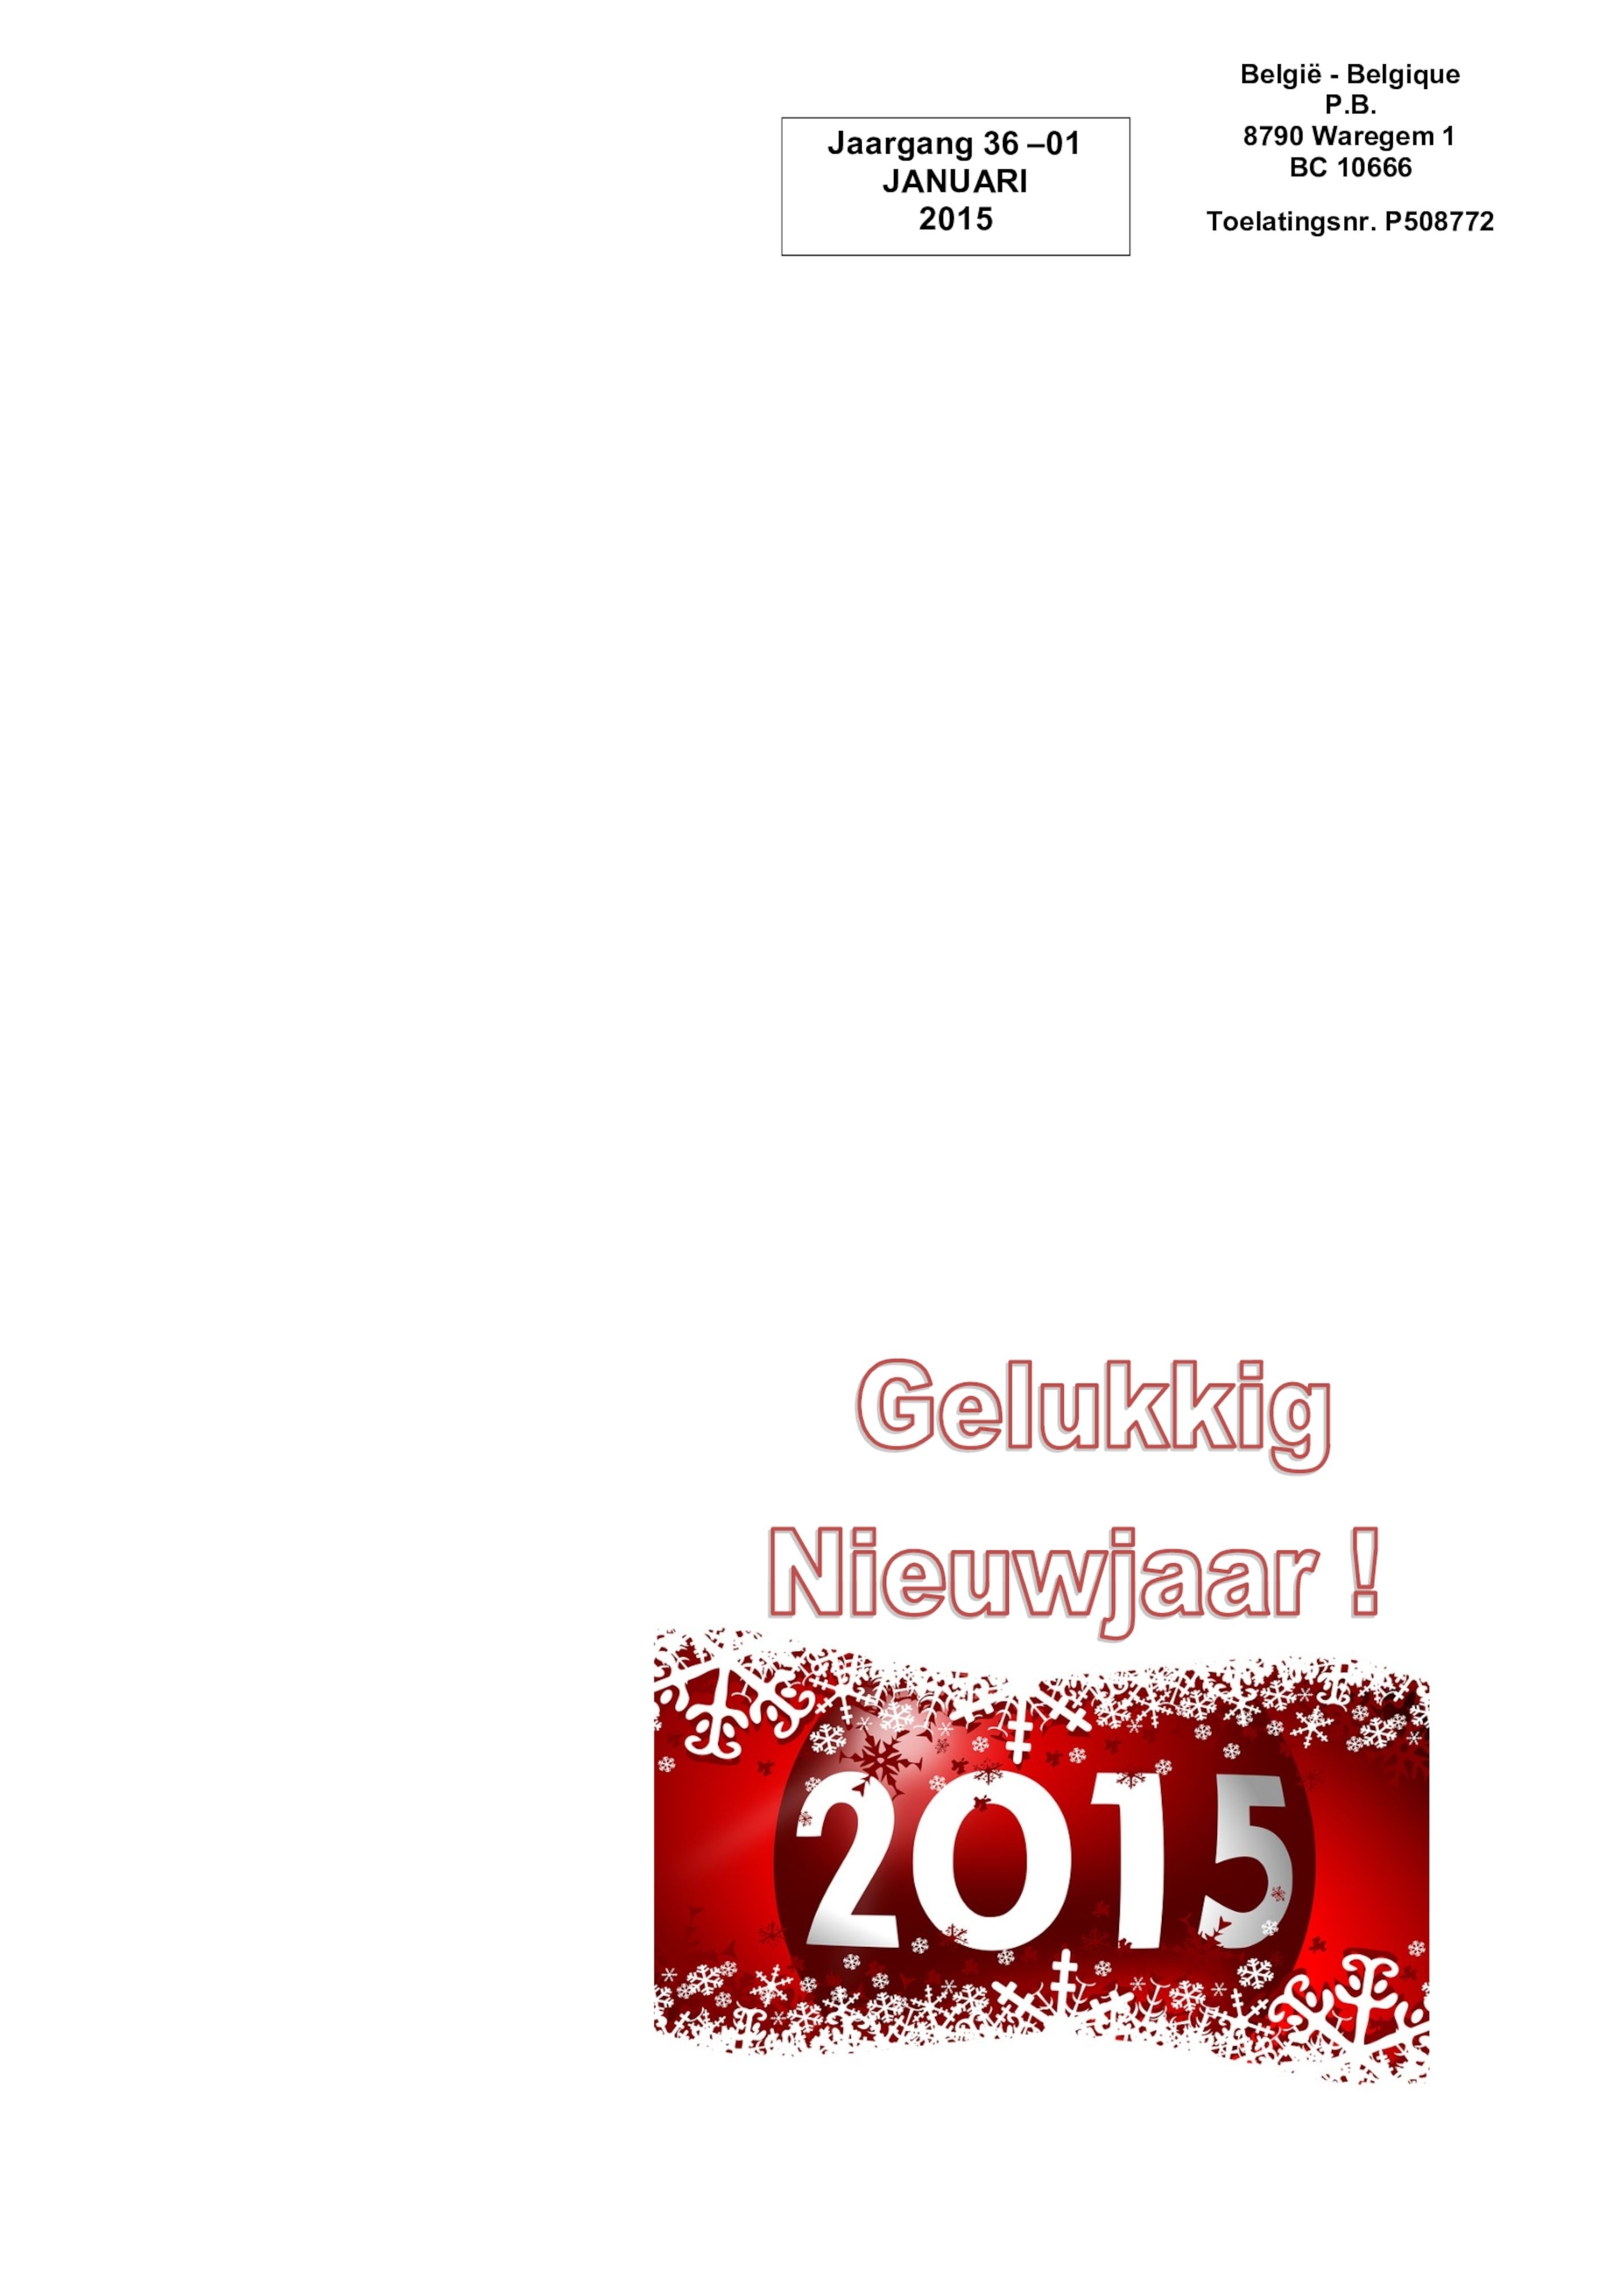 De Belle januari 2015